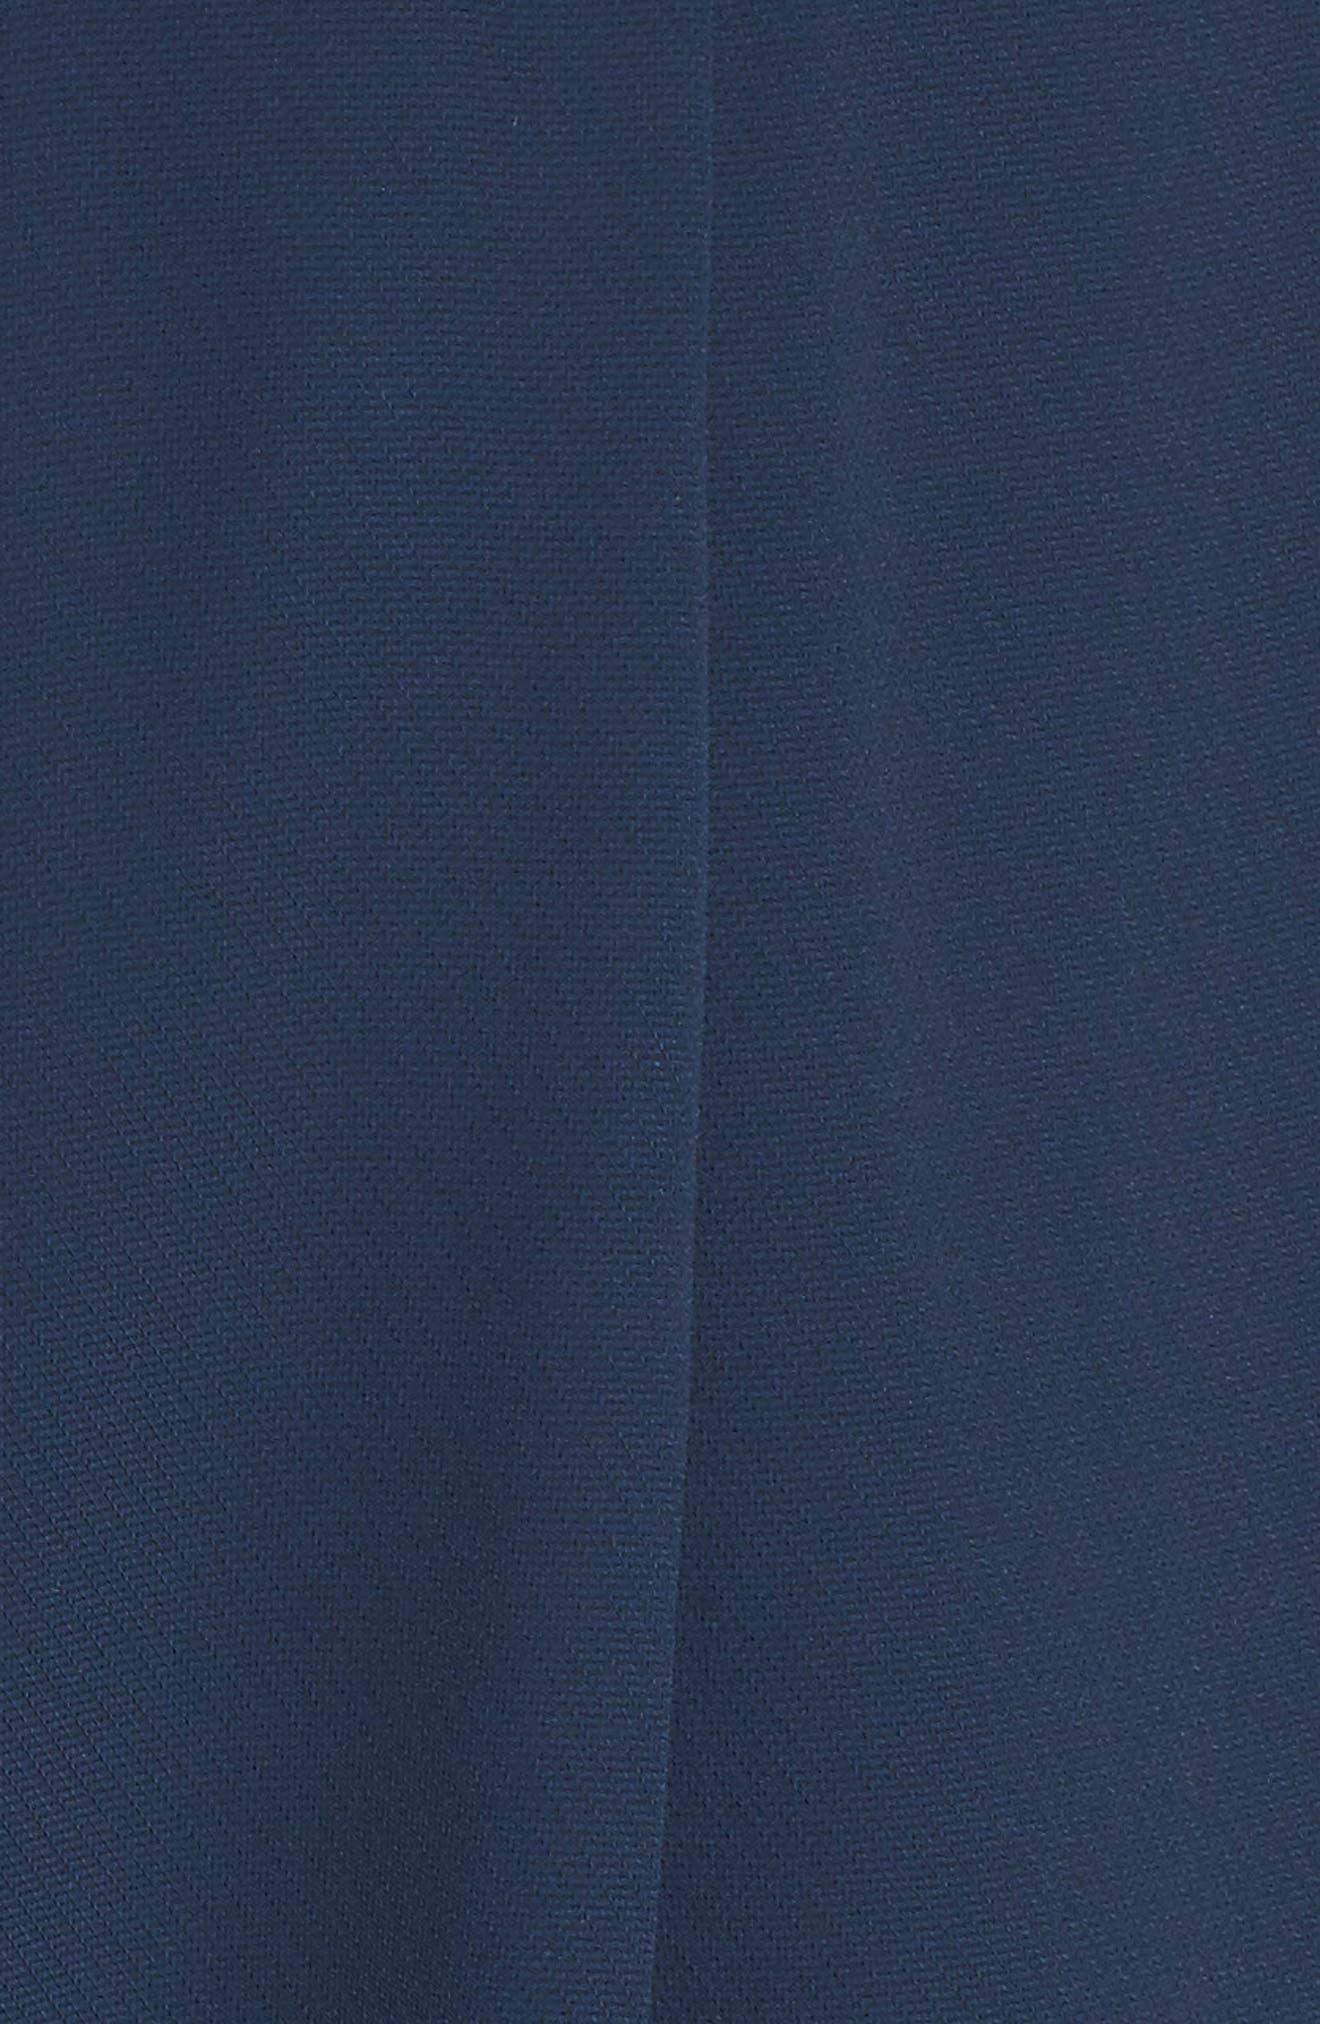 Evening Light Drape Dress,                             Alternate thumbnail 5, color,                             400